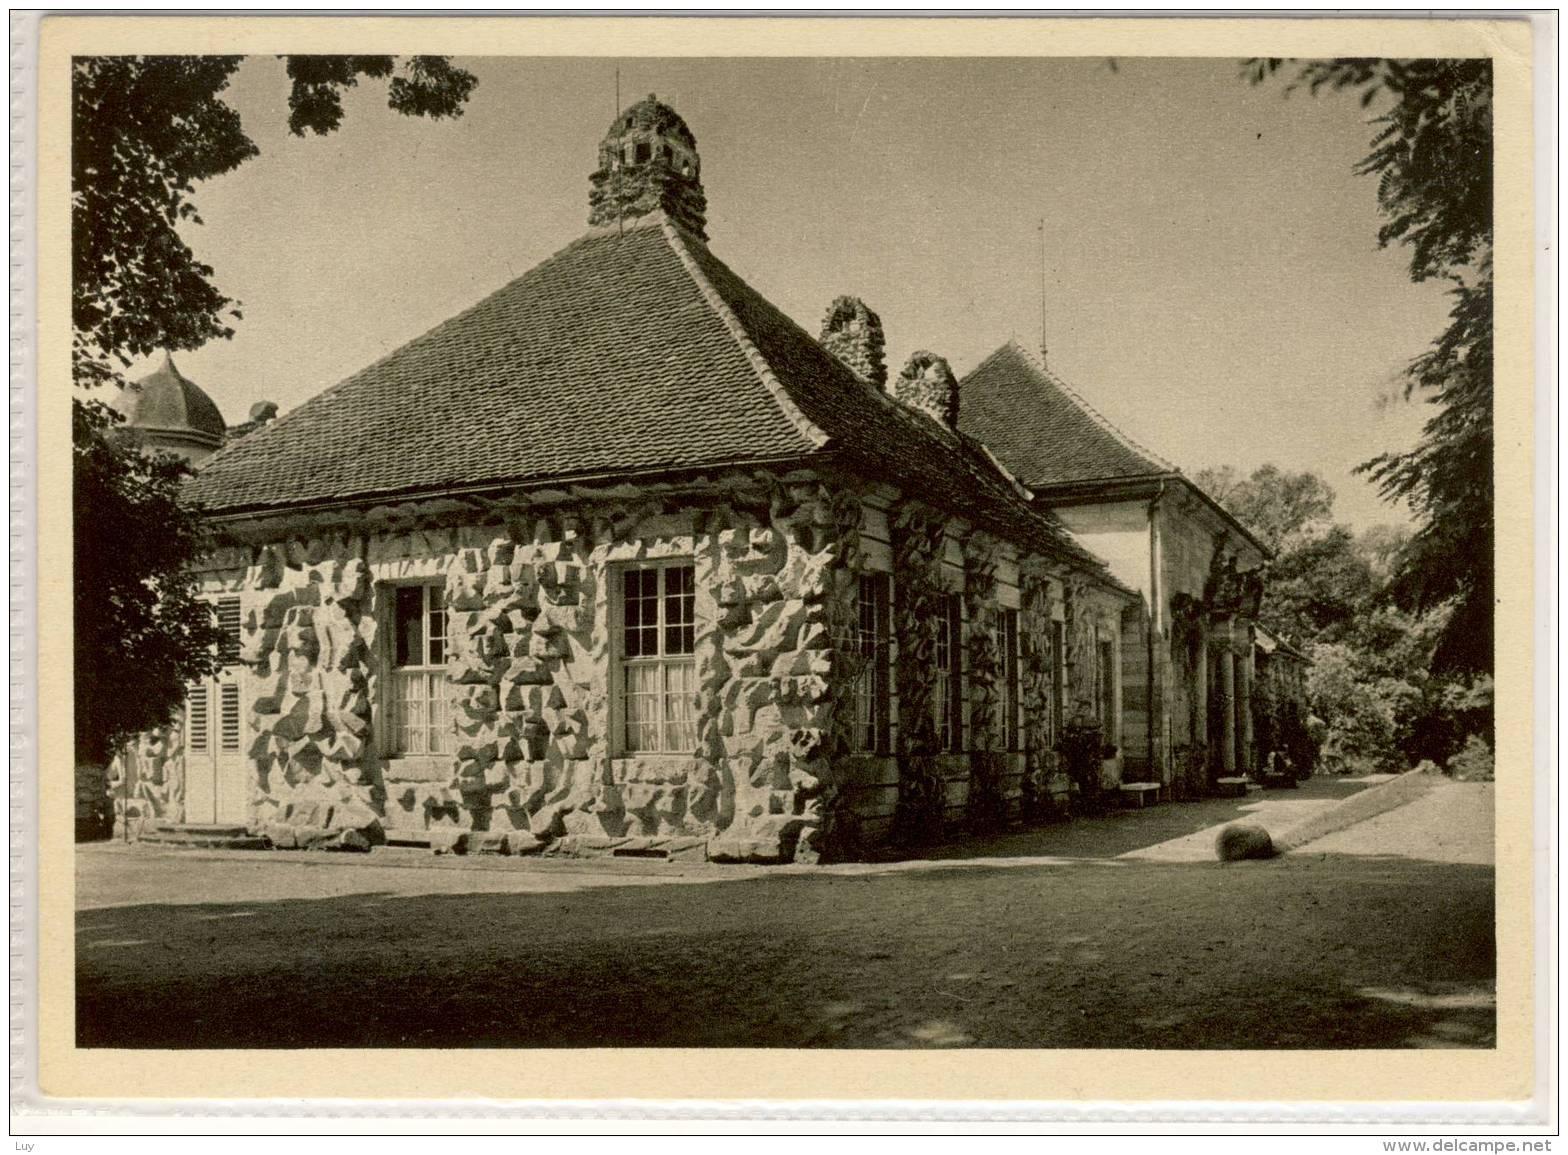 Eremitage BAYREUTH, Oberes Schloss, Flügelbau, Lustschloss, Bayerischer Staatsbesitz - Bayreuth